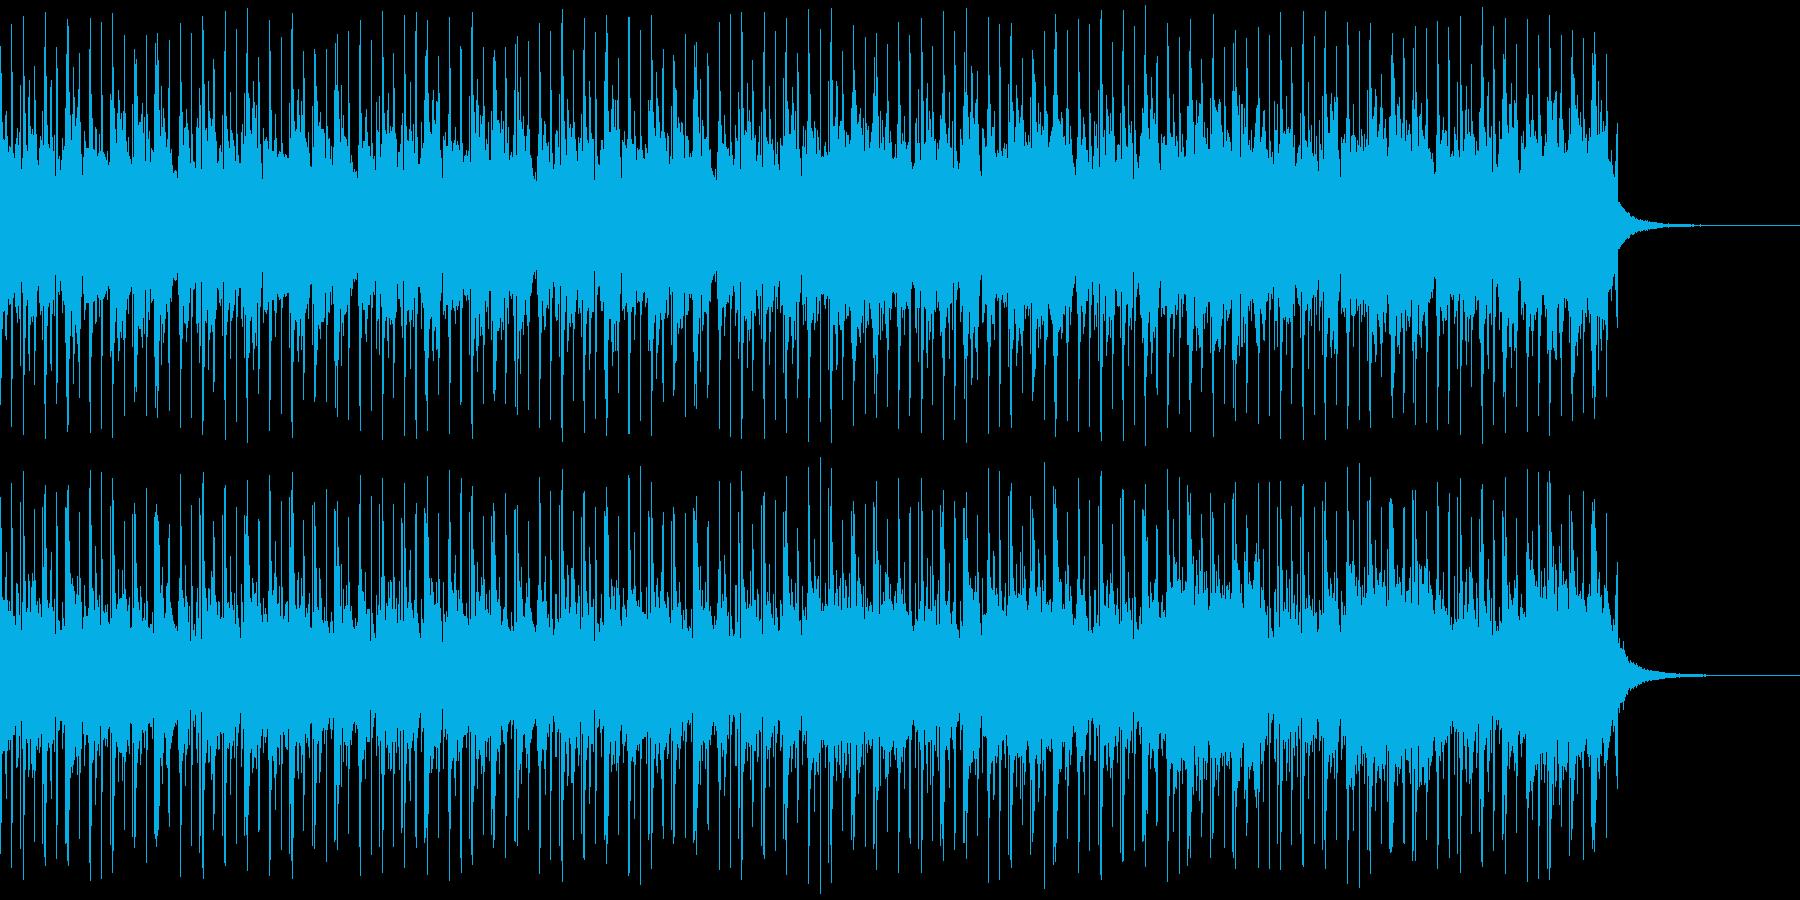 心の覚醒をイメージした1曲の再生済みの波形